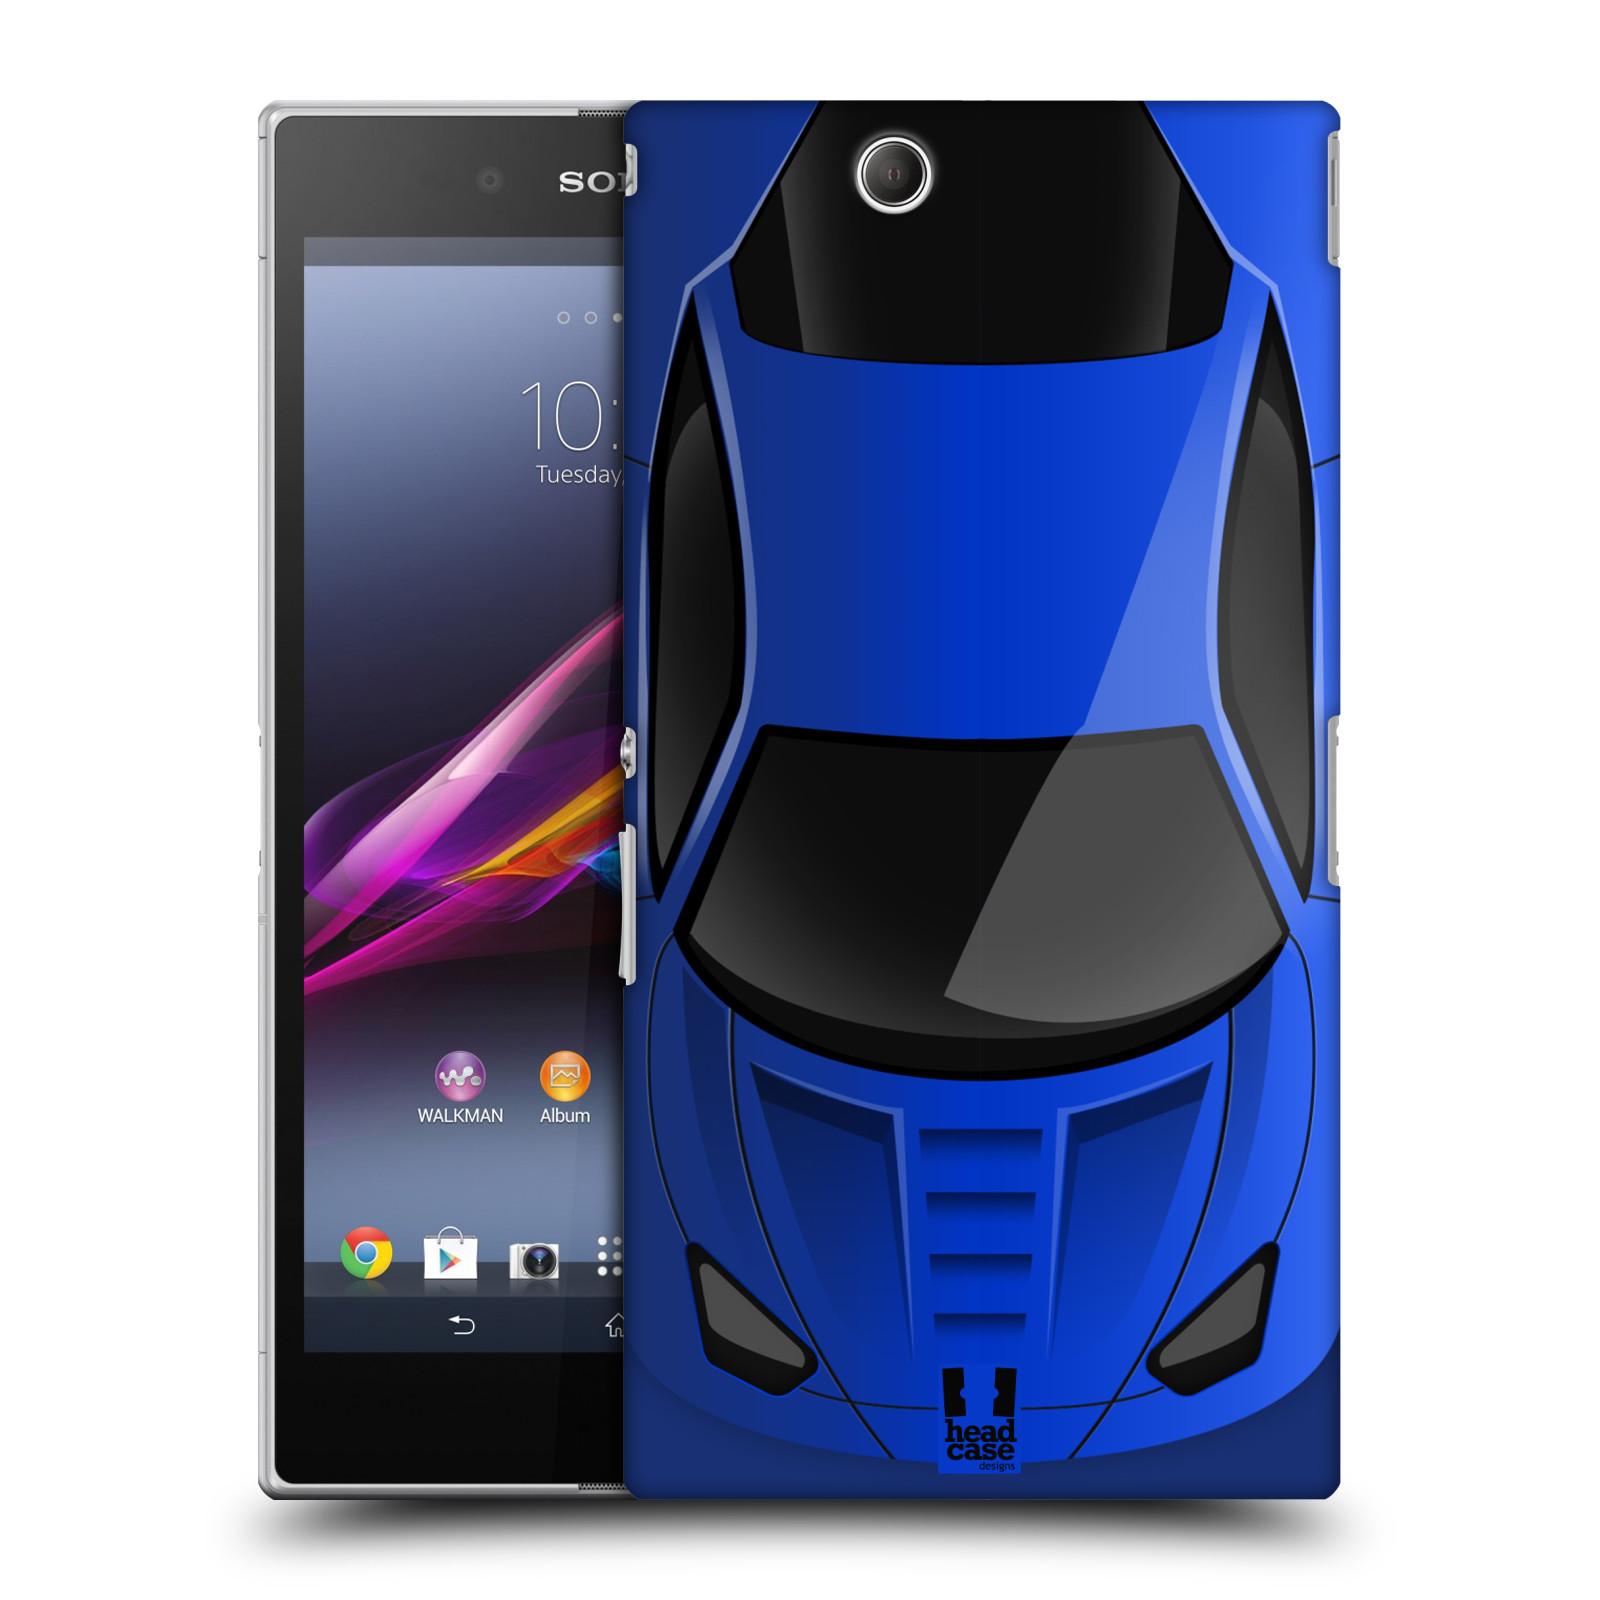 Plastové pouzdro na mobil Sony Xperia Z Ultra C6833 HEAD CASE LAPAČ MODRÉ AUTO (Kryt či obal na mobilní telefon Sony Xperia Z Ultra )